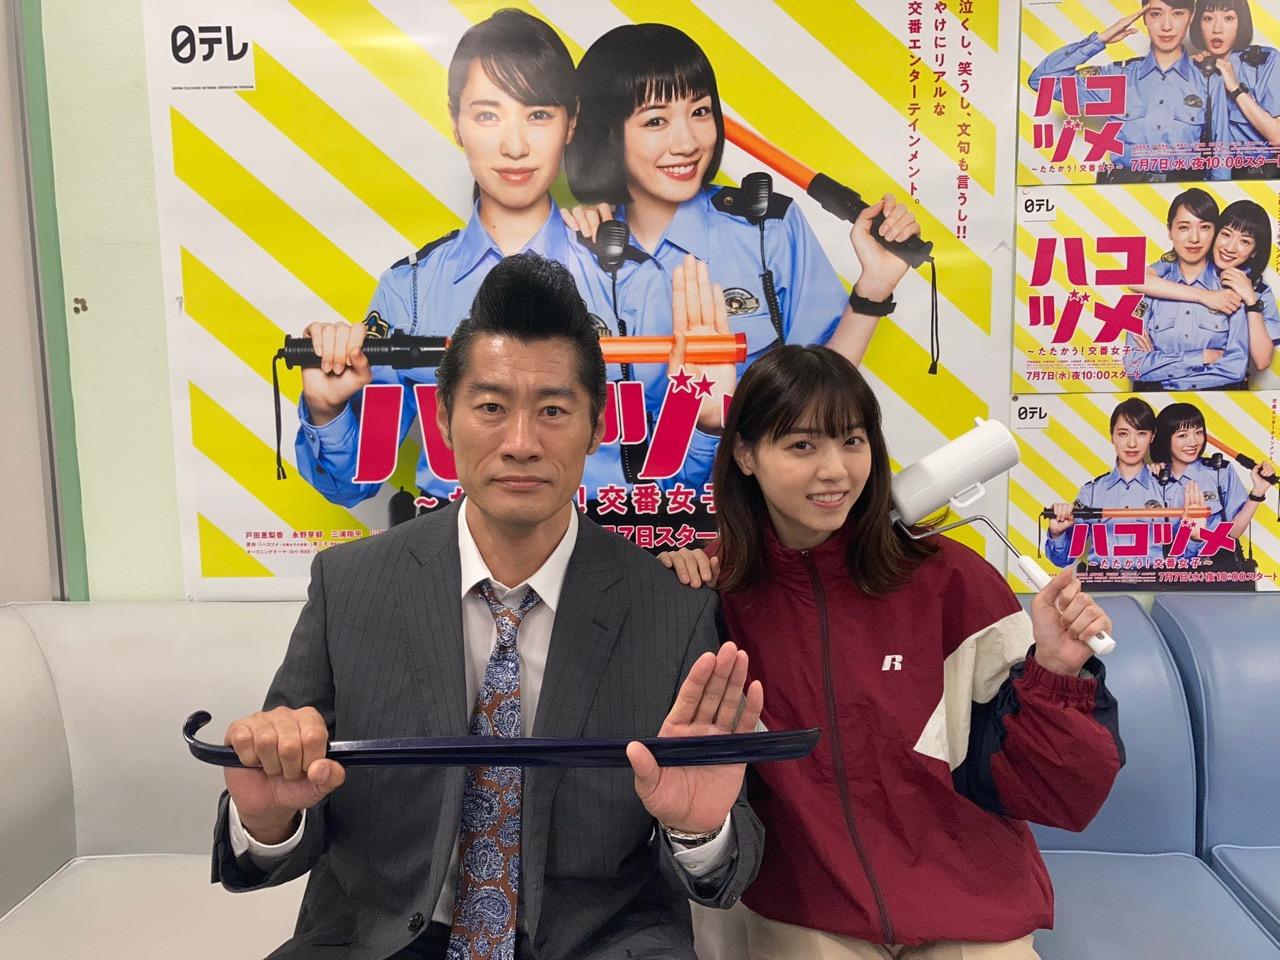 西野七瀬出演、水曜ドラマ「ハコヅメ ~たたかう!交番女子~」第6話【2021.8.25 22:00〜 日本テレビ】